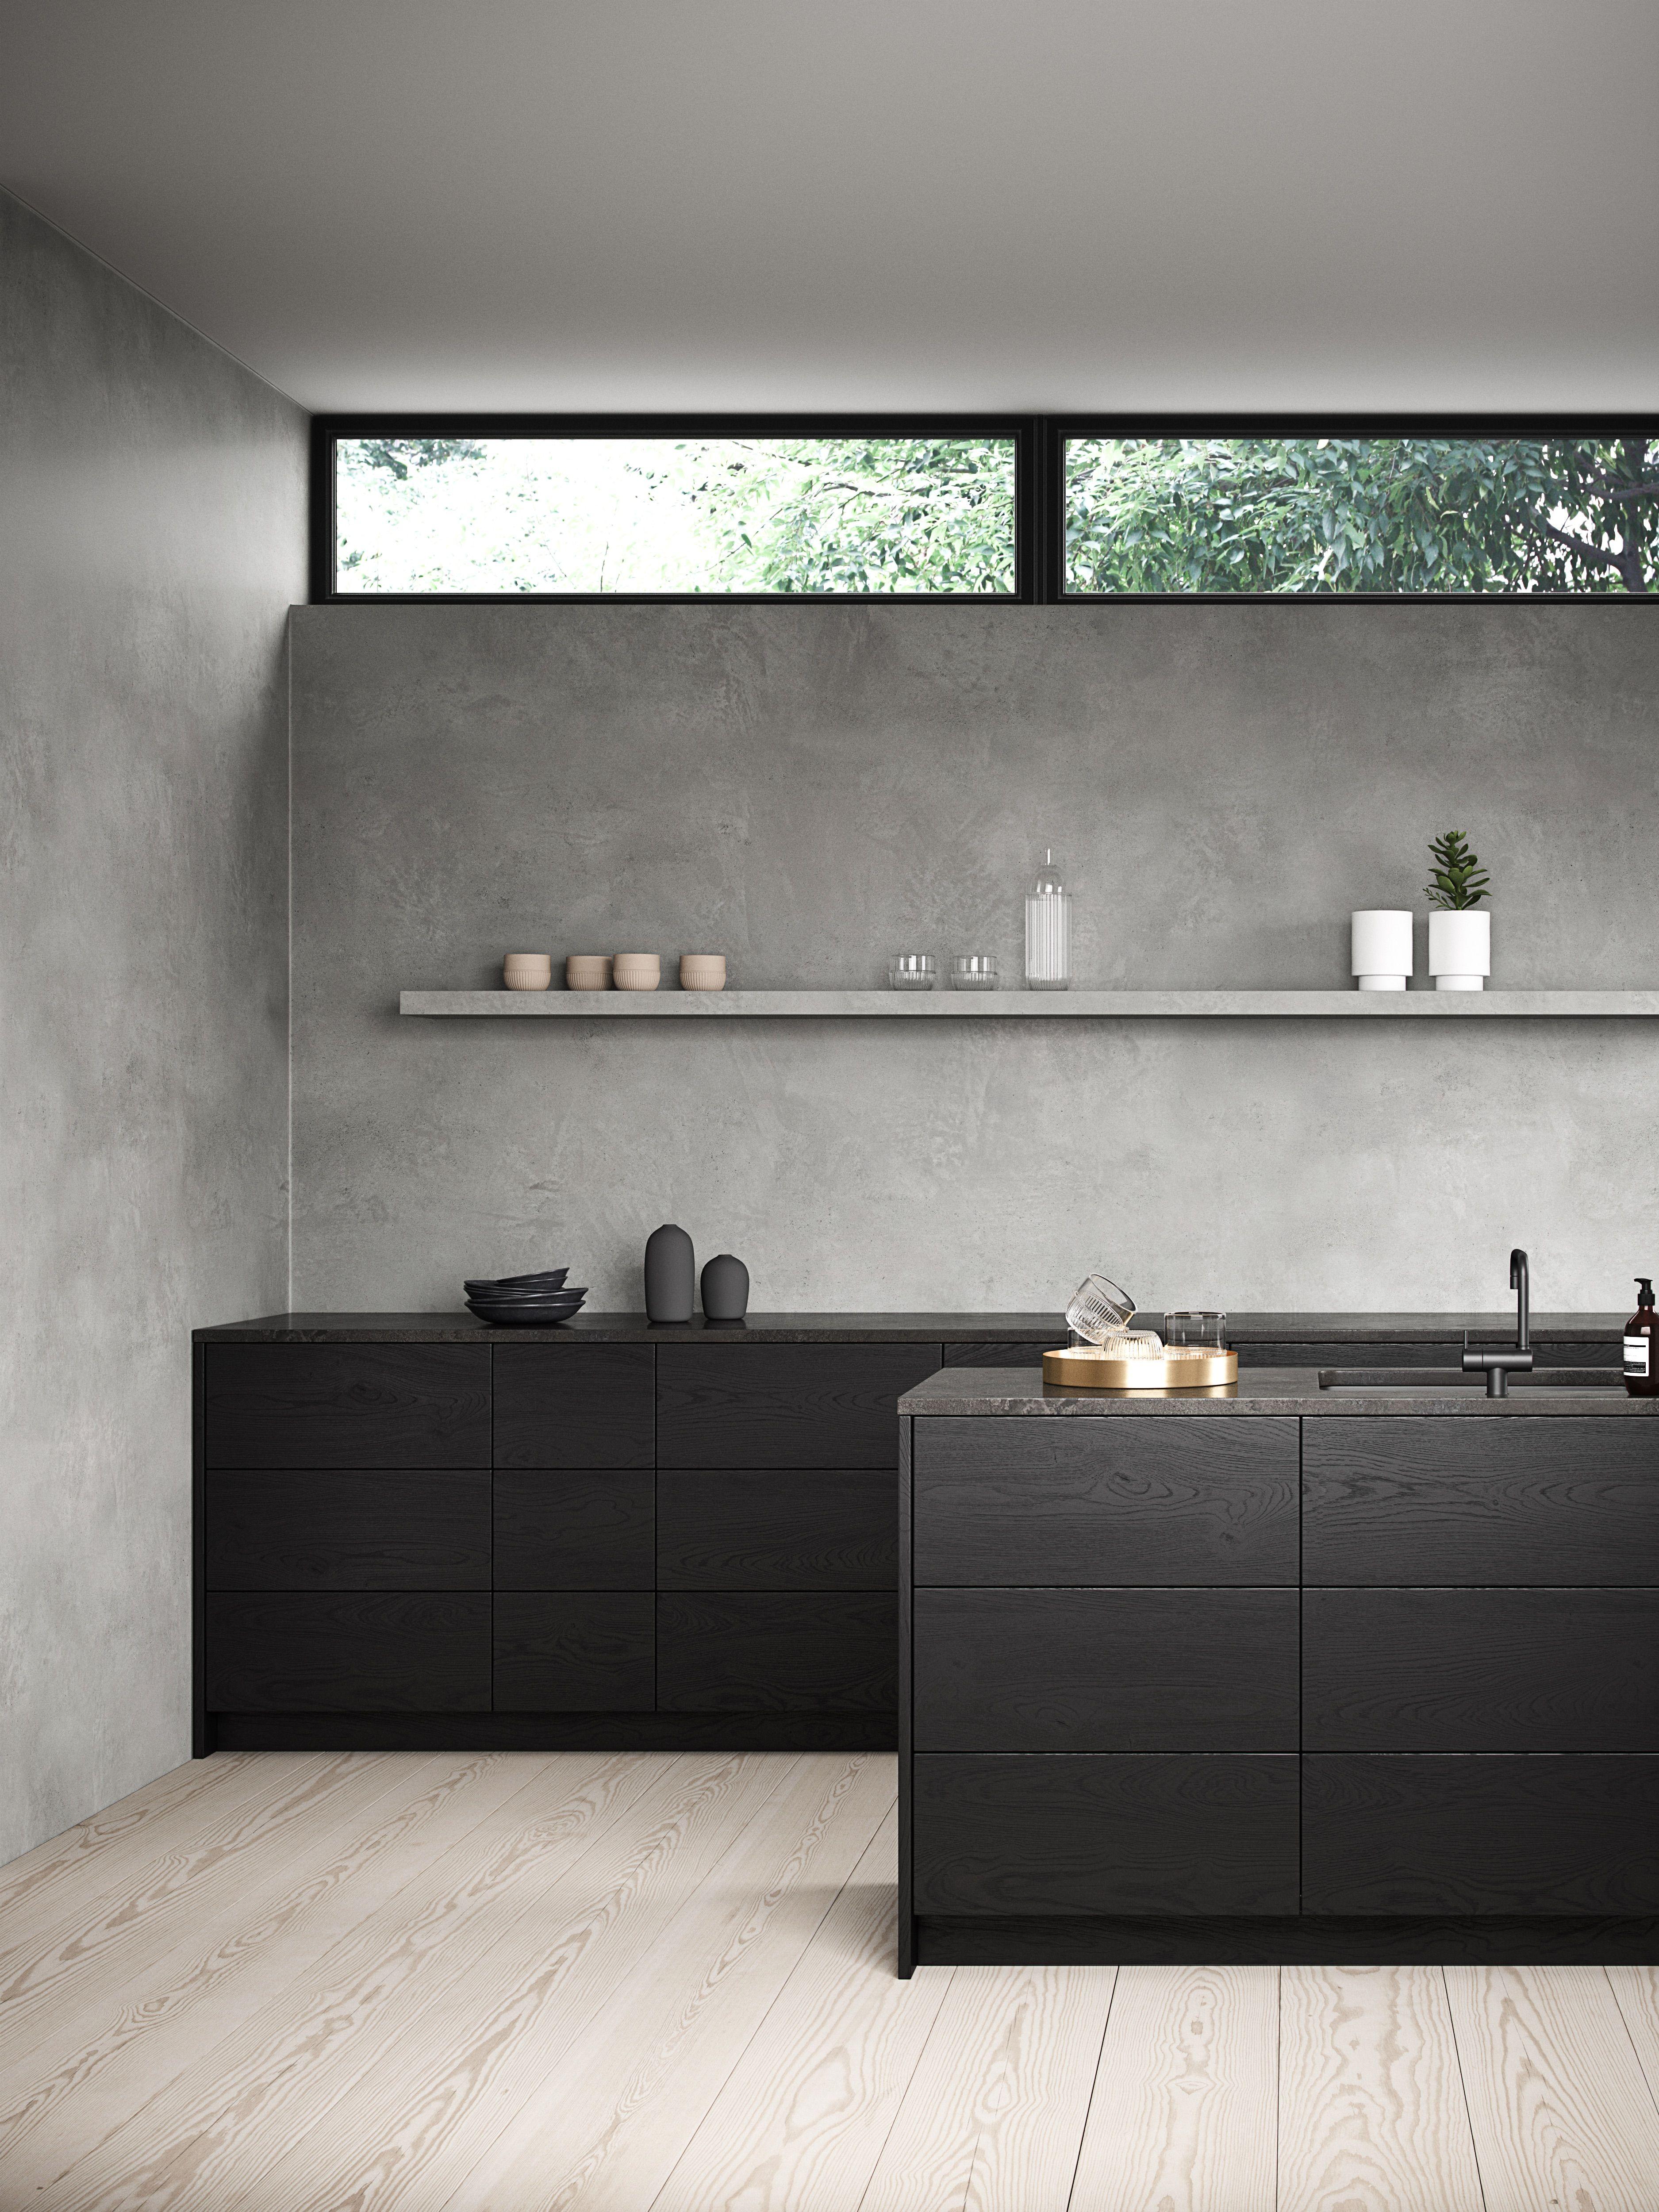 Kitchen Styling In 2020 Interior Design Kitchen Home Interior Design Modern Kitchen Design